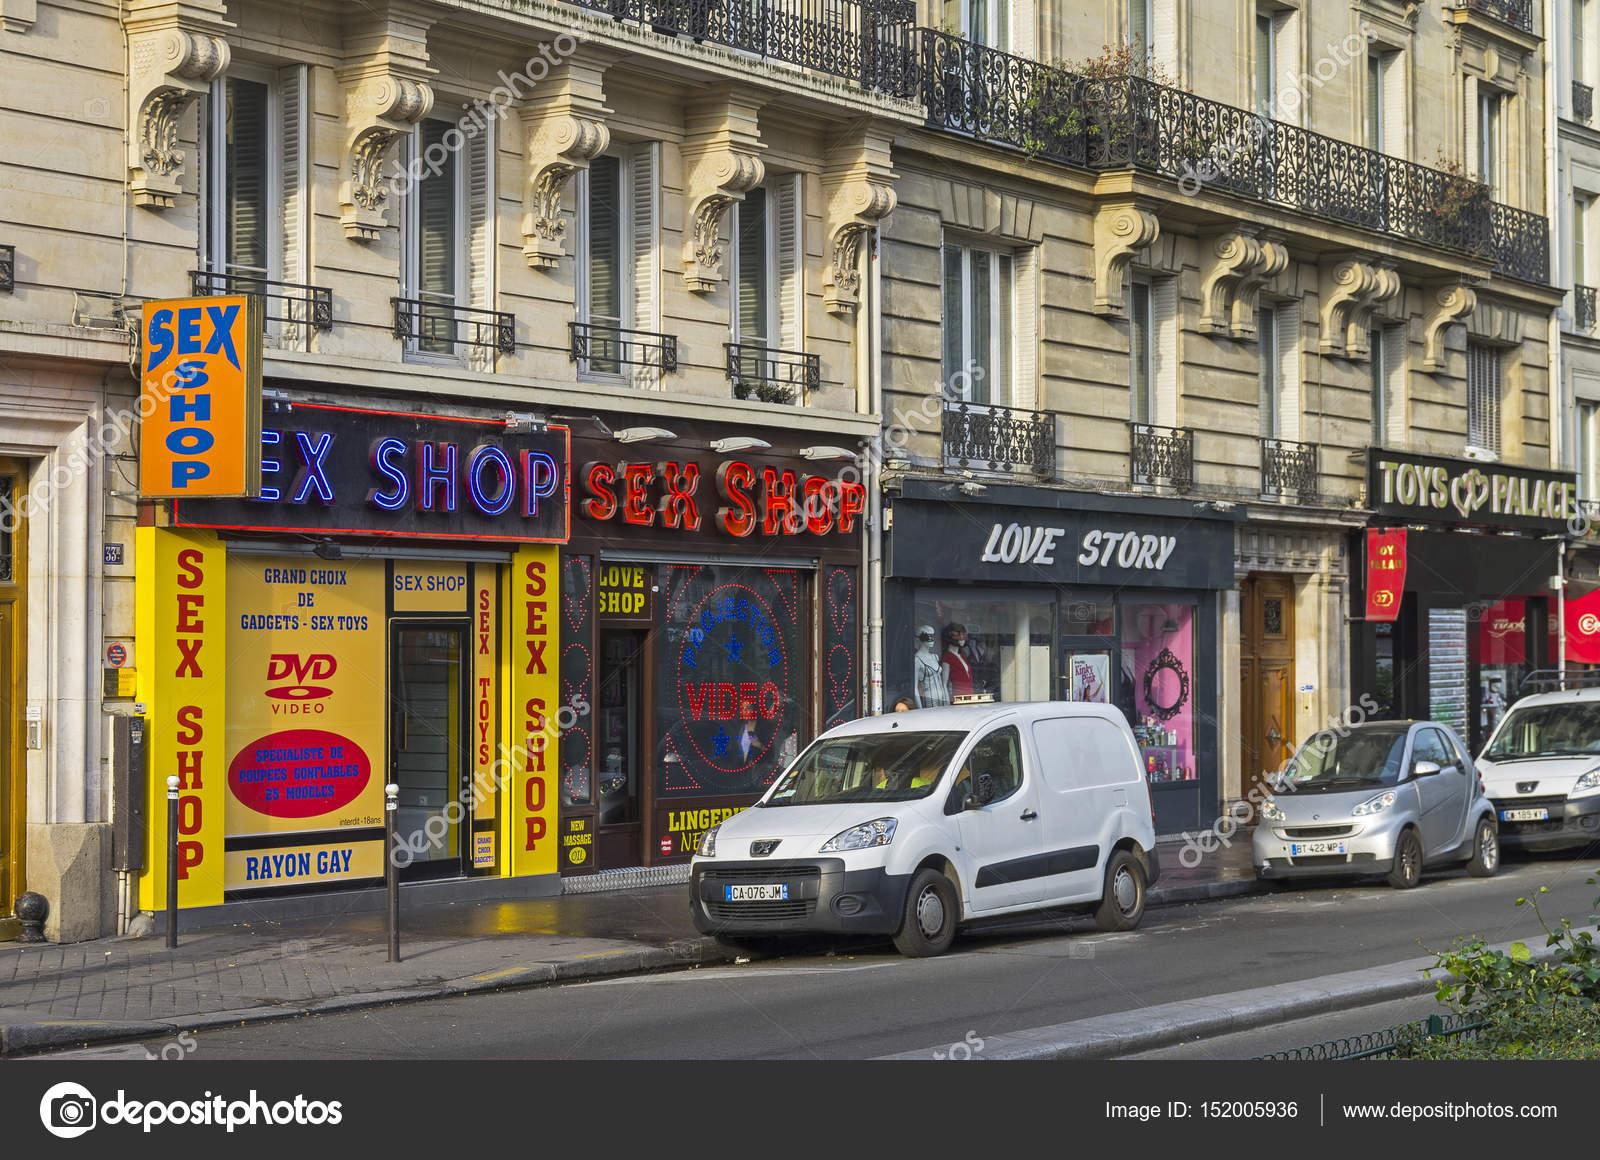 Zanzen Shops Vadodara Sex France In